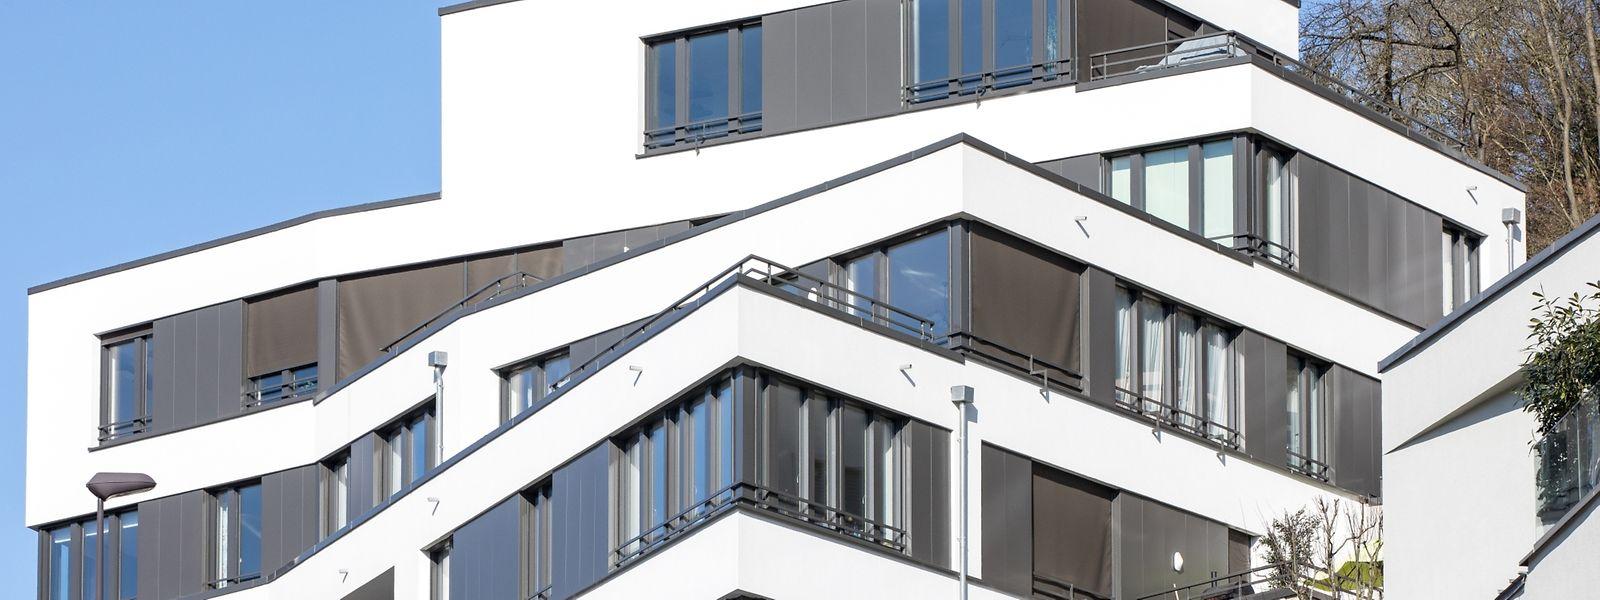 Was ist zu tun, damit mehr Wohnungen gebaut werden und Wohnraum erschwinglich bleibt? Dieser Frage gingen am Donnerstag die Abgeordneten in einer mehrstündigen Debatte nach.